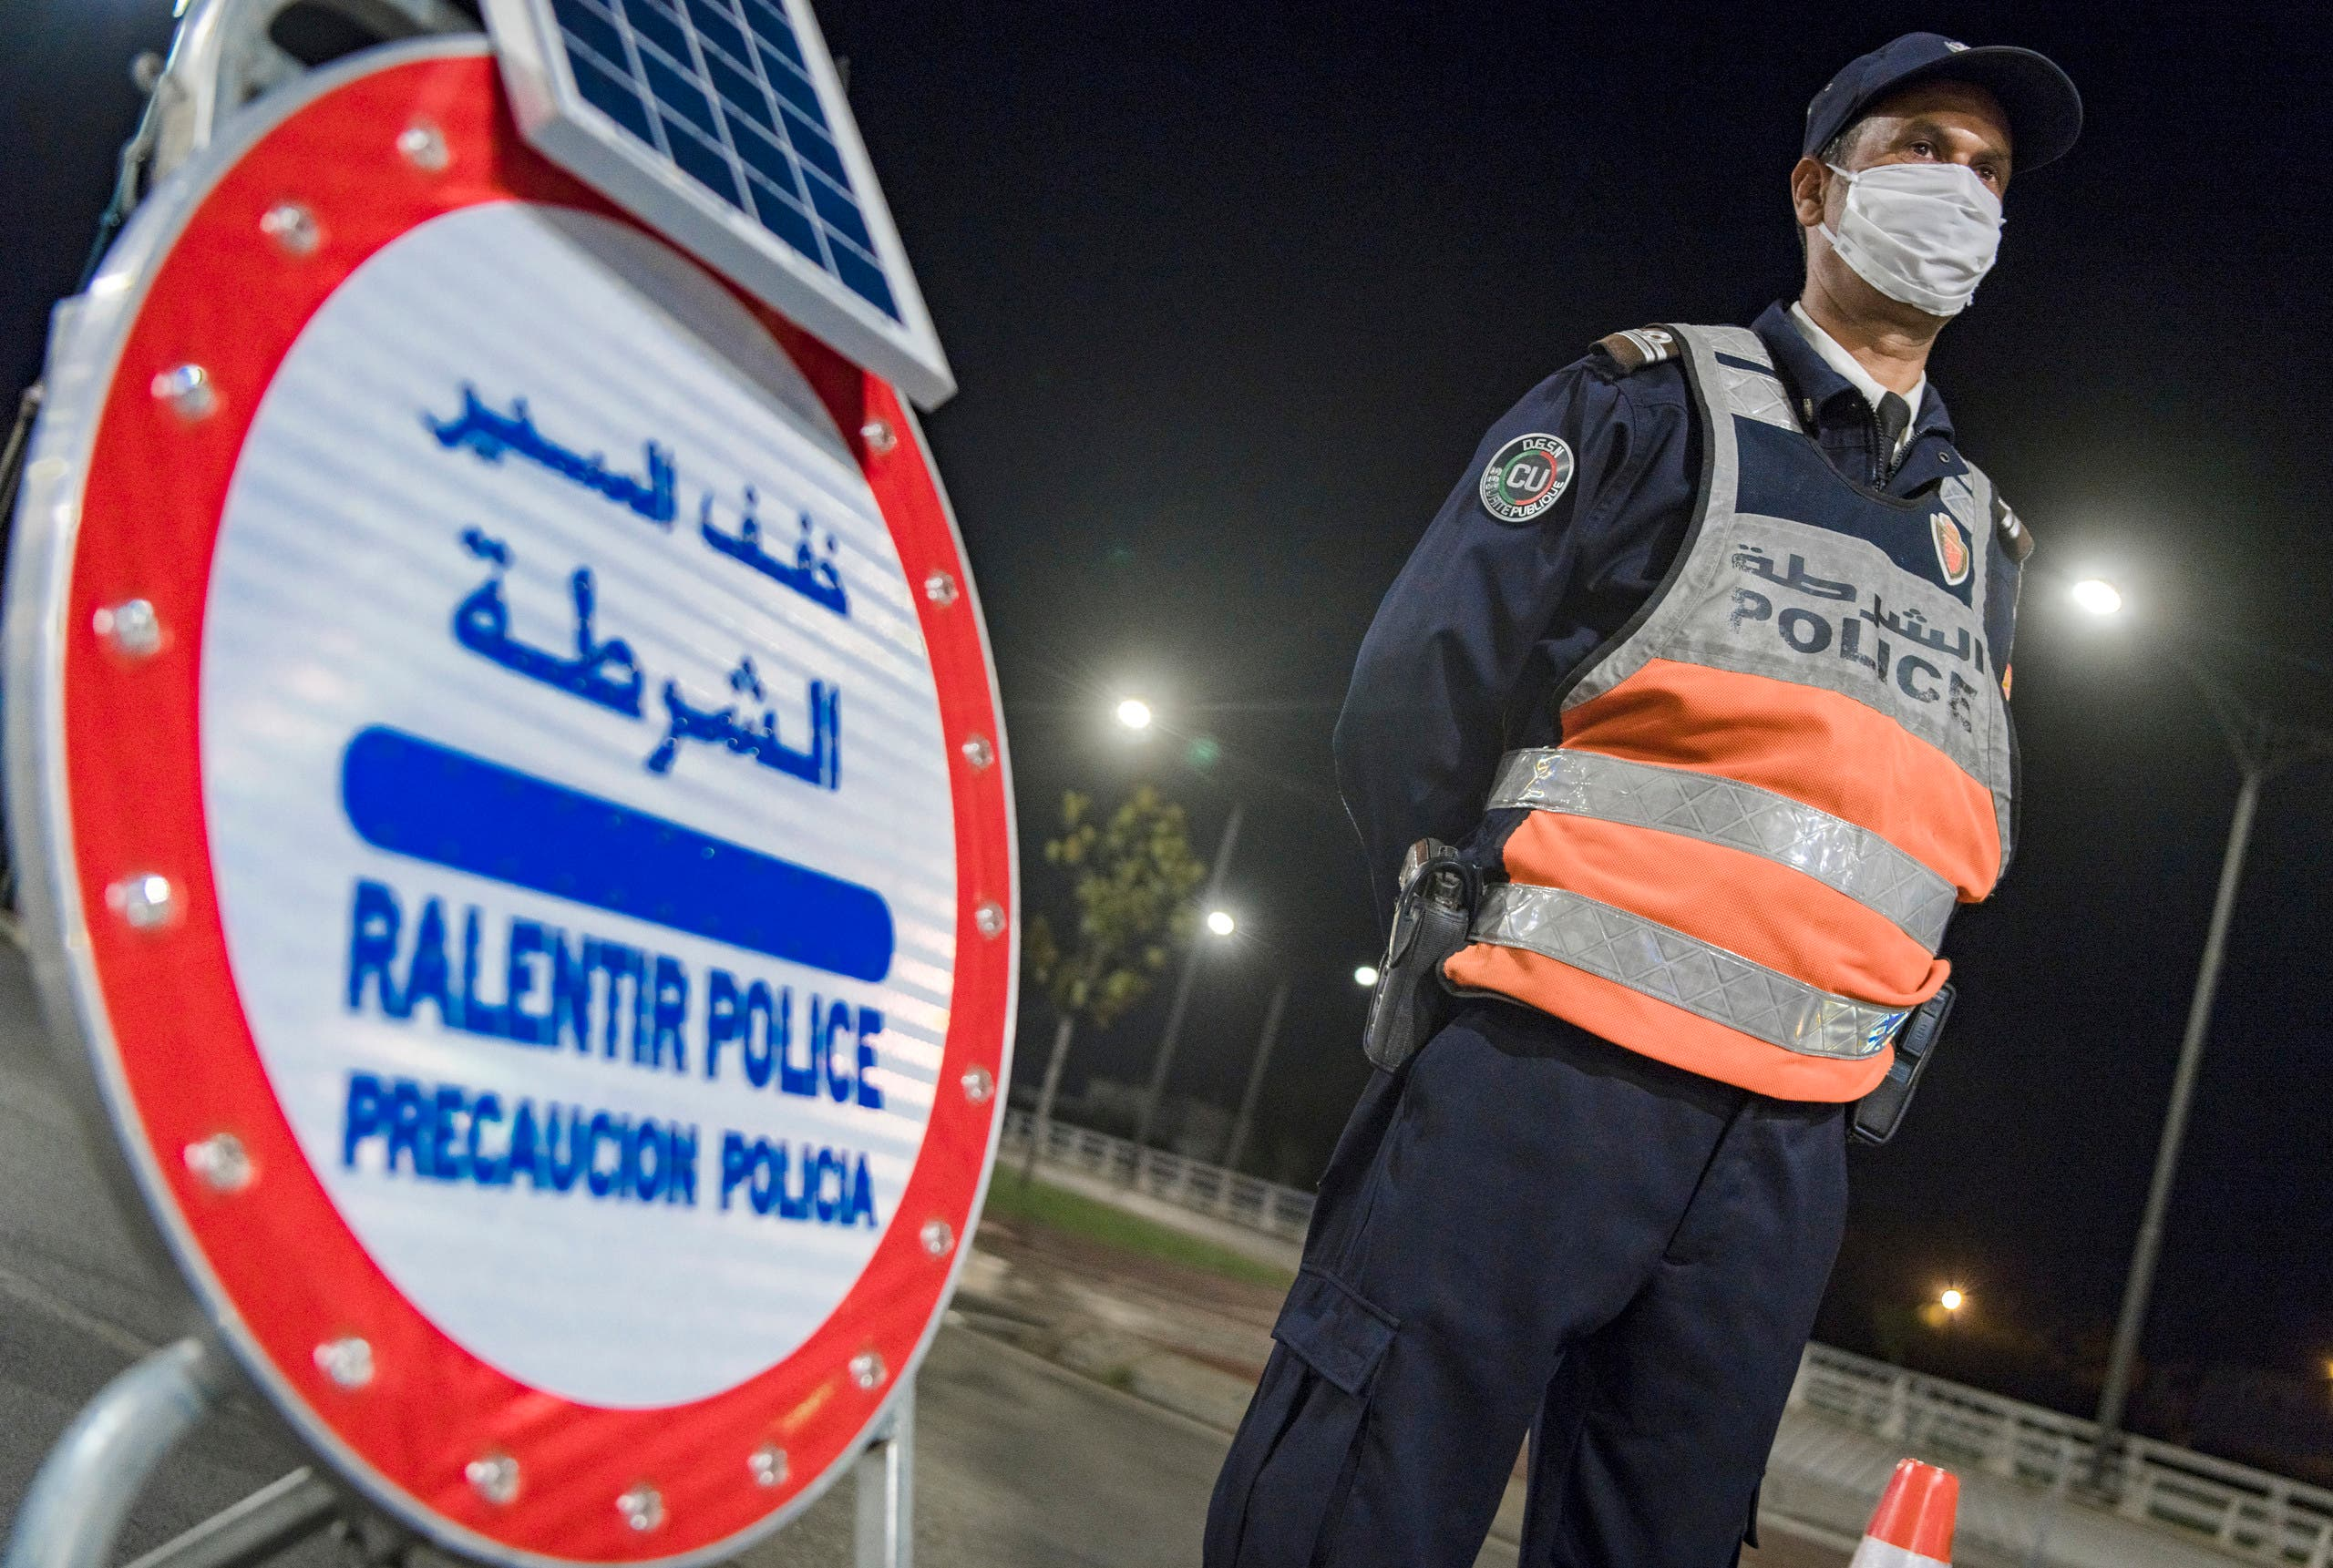 الشرطة تراقب حظر التجول في الرباط